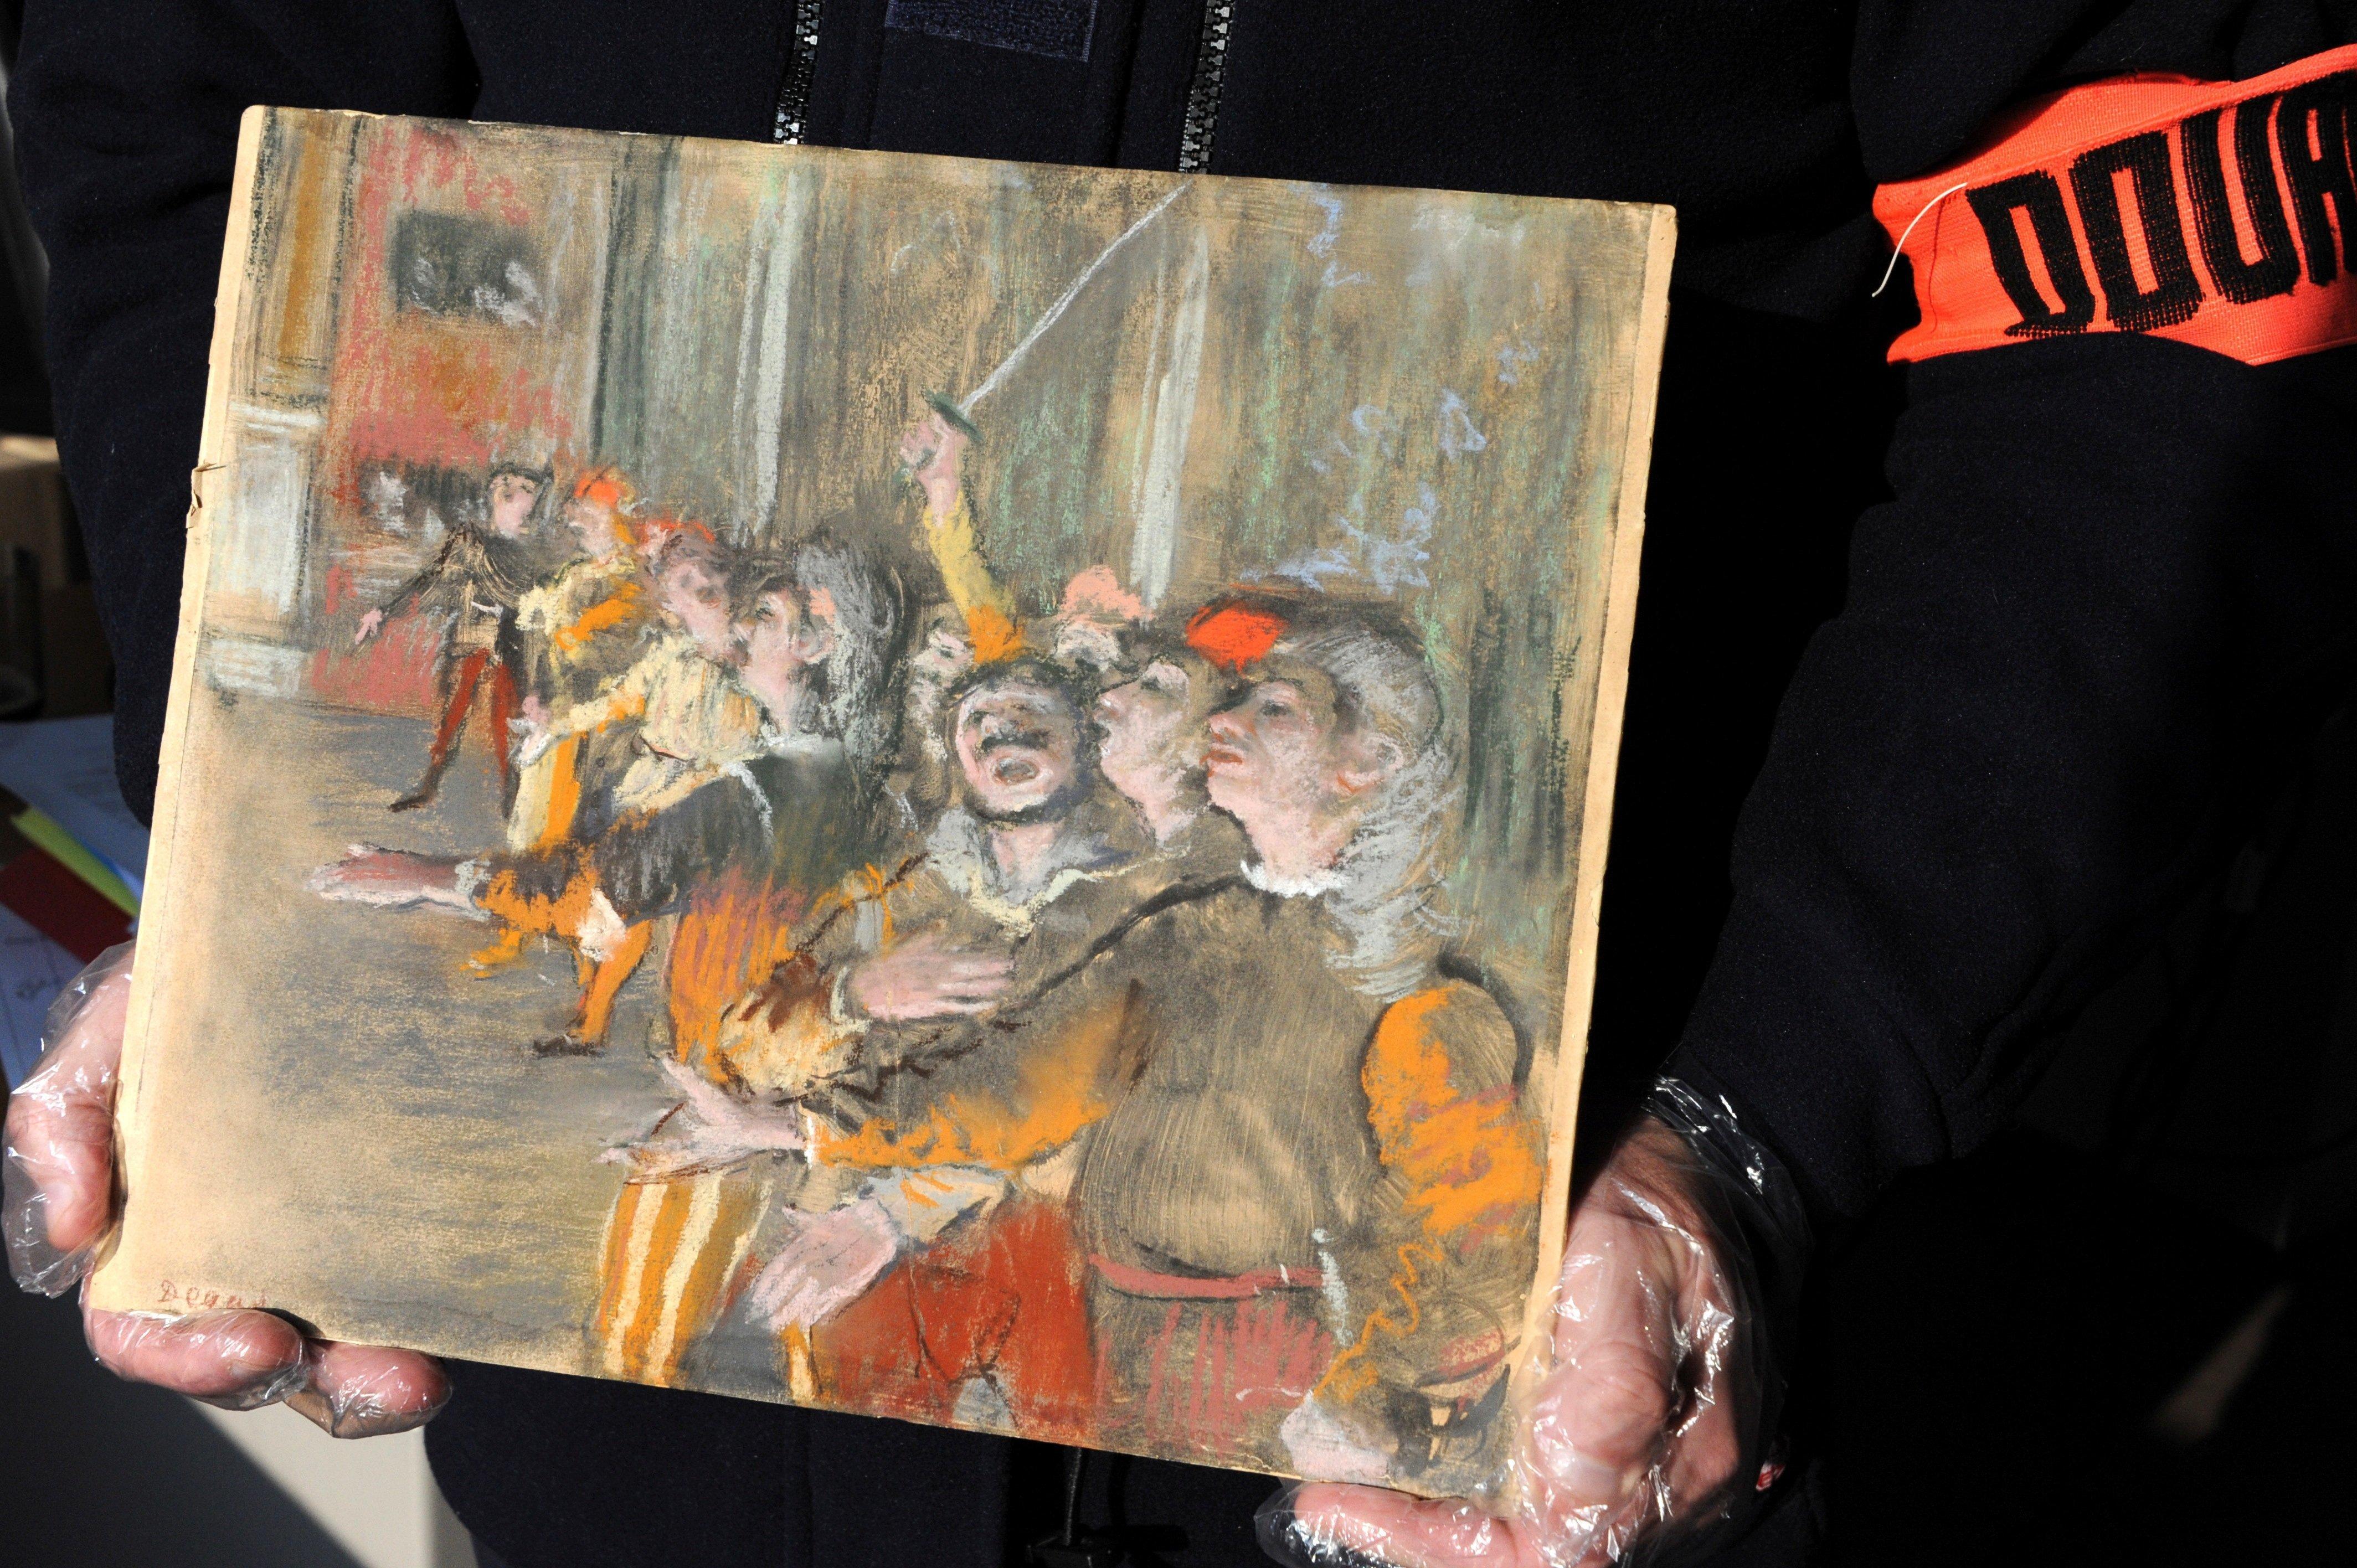 Κλεμμένος πίνακας του Degas βρέθηκε σε πούλμαν έξω από το